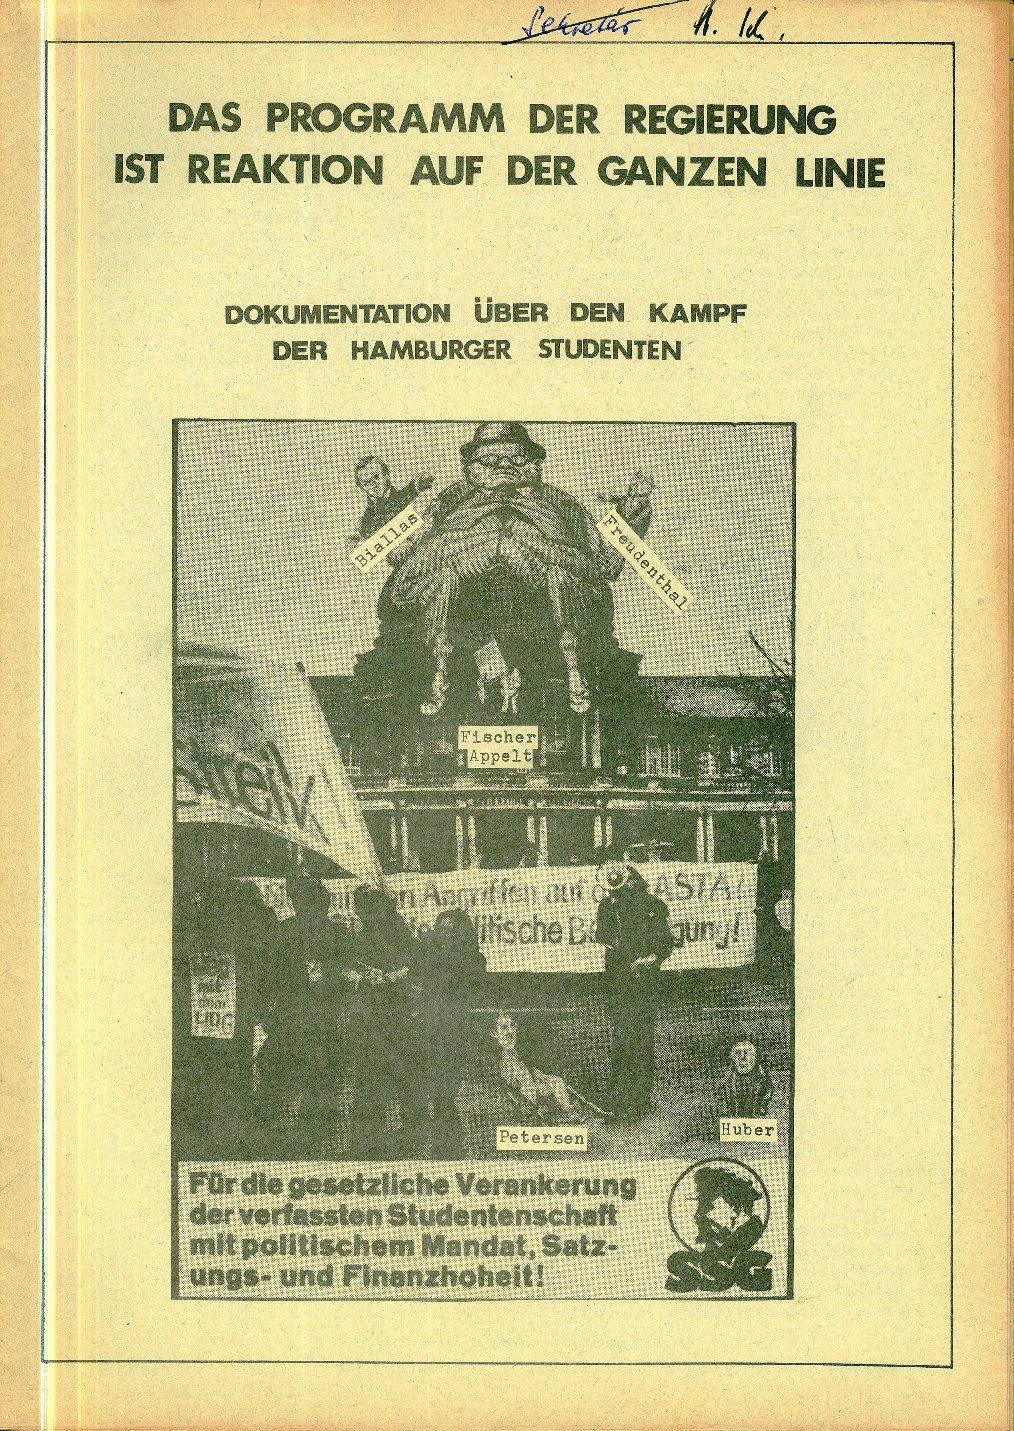 Hamburg_SSG_Regierungsprogramm001